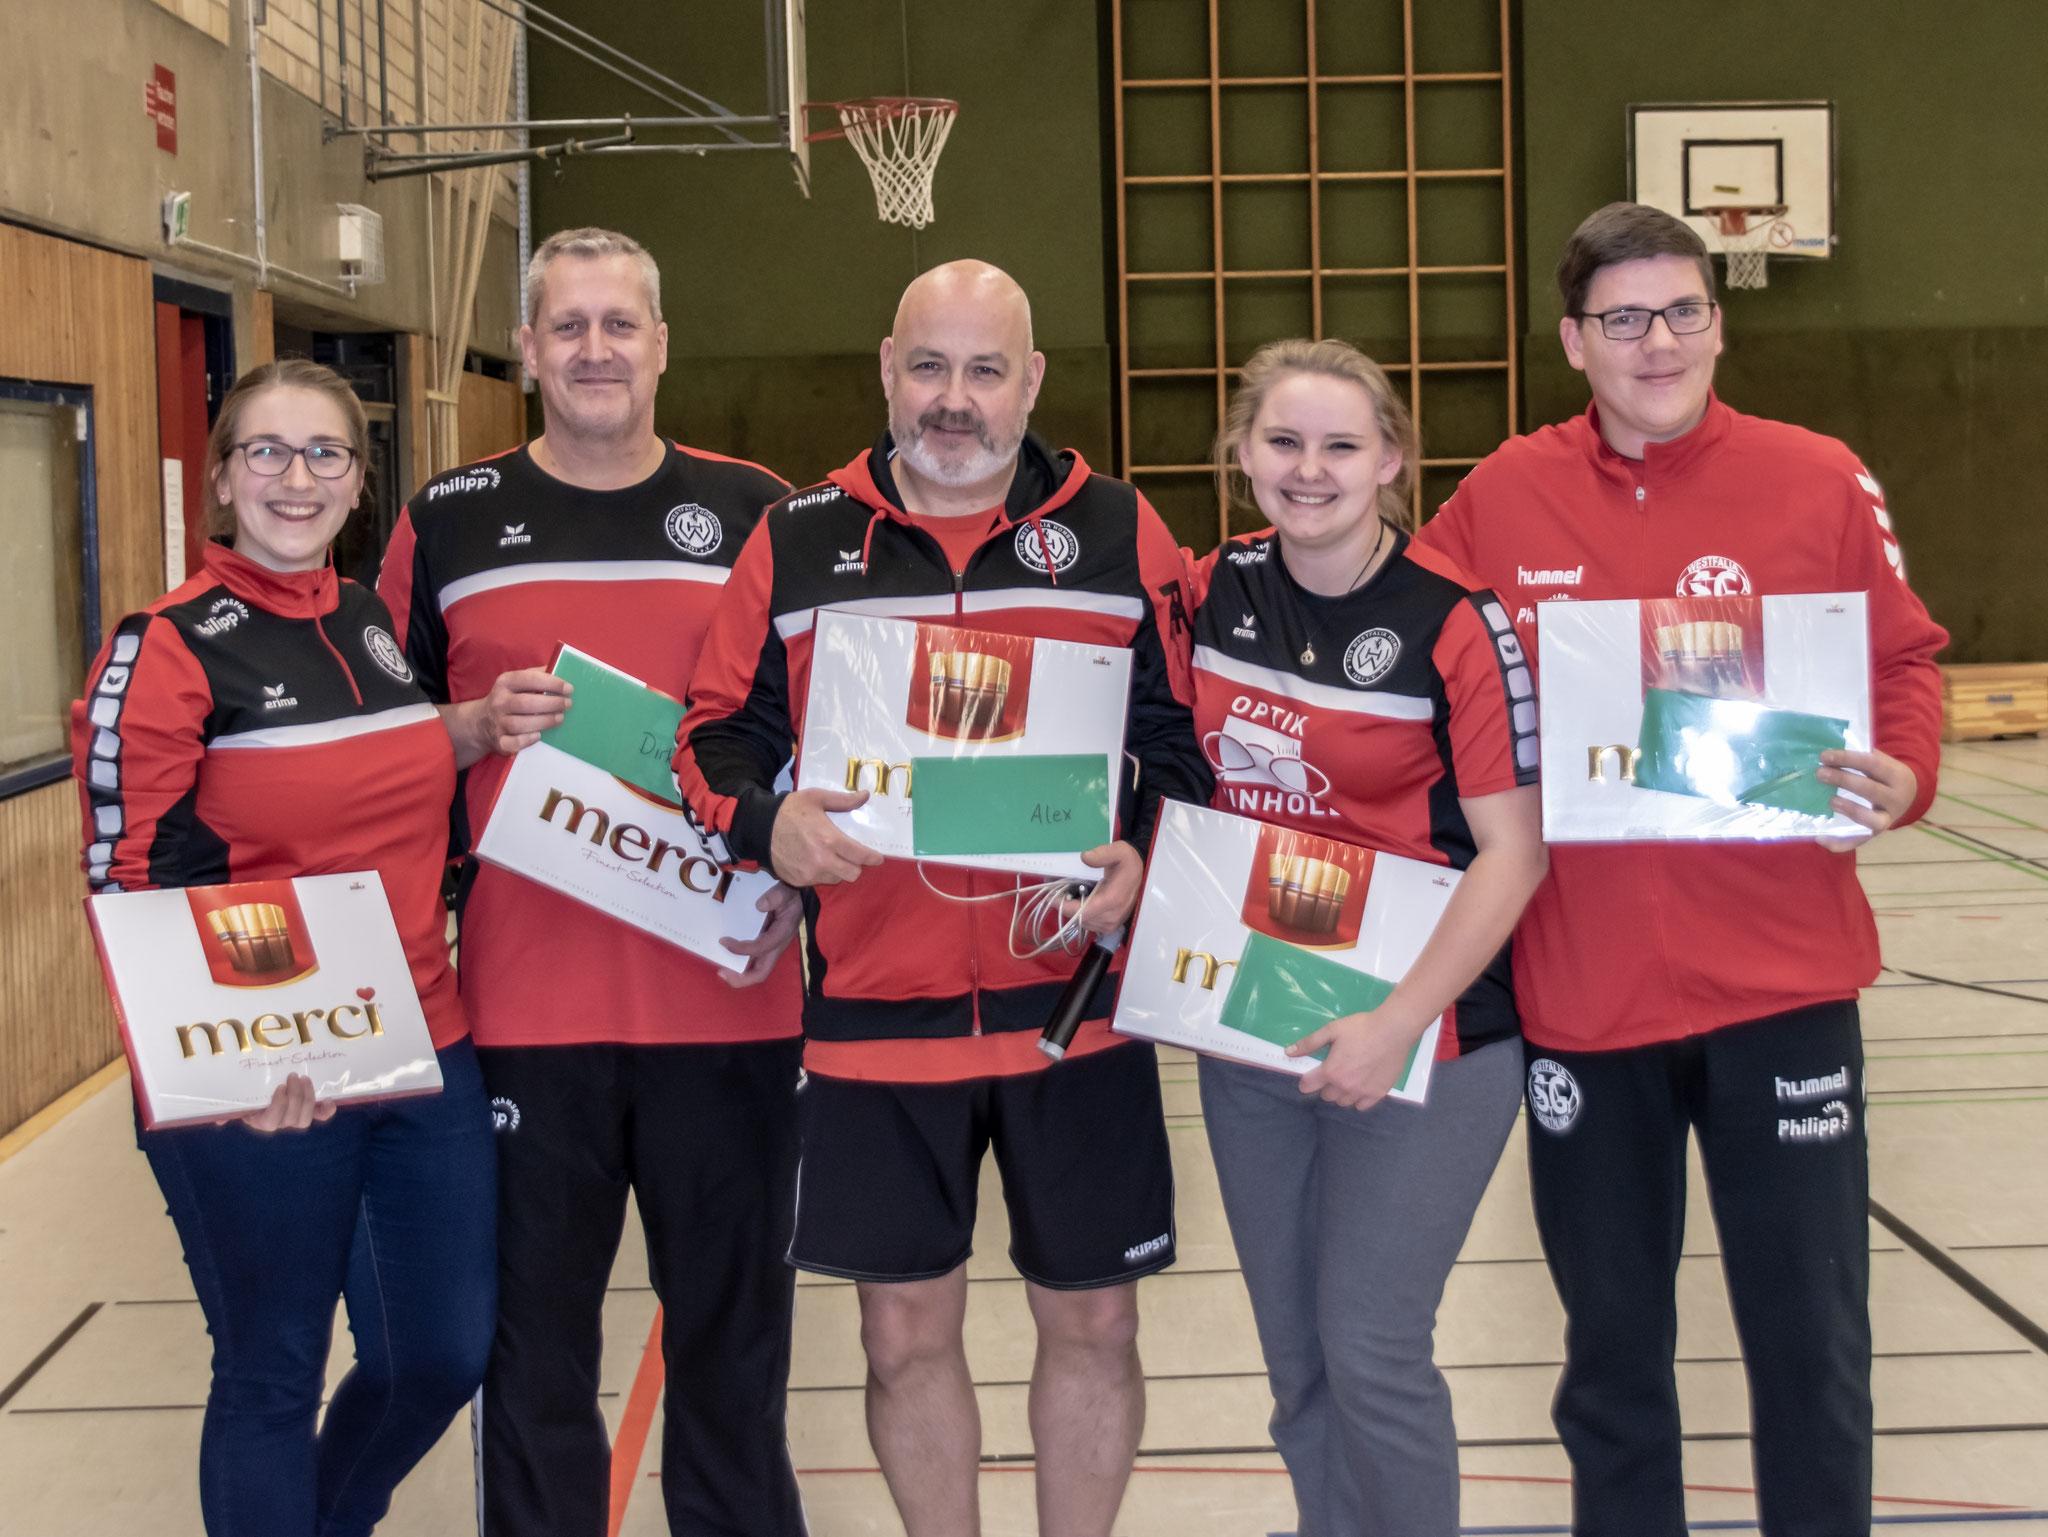 Unsere Jugendtrainer/innen Nikola Sondern (wB), Dirk Schmitz (mC), Alexander Schwenk (wB), Maike Theede (wC) und Christopher Koal (wD)